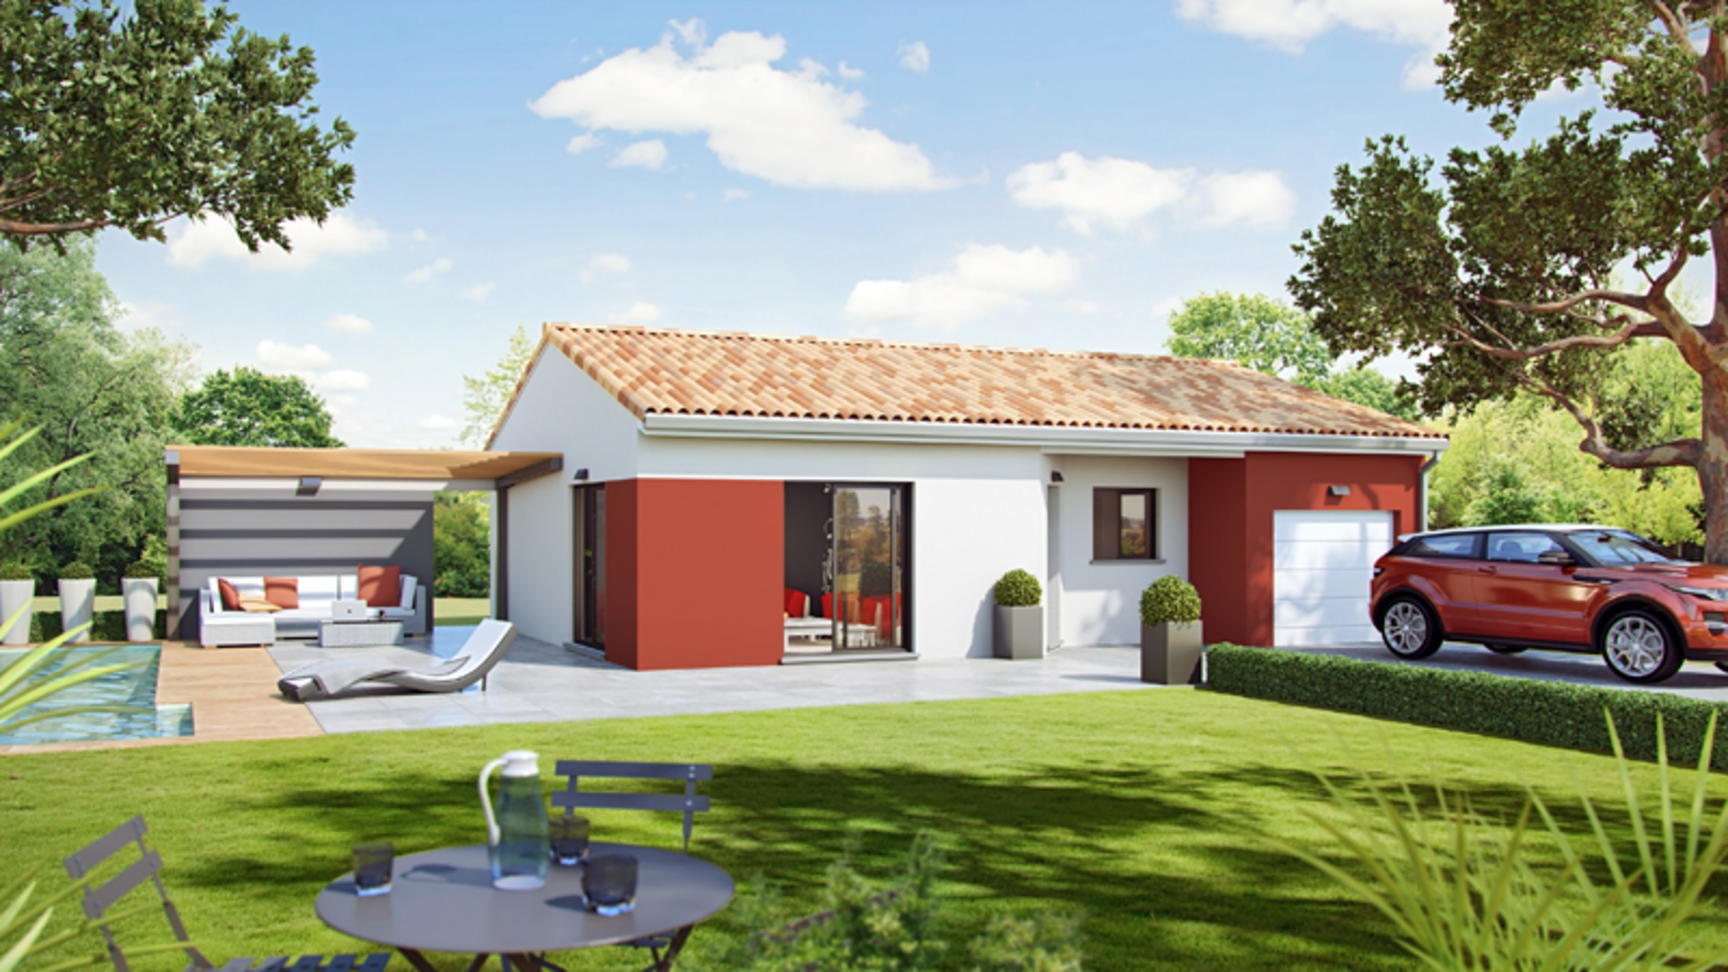 Annonce vente maison albi 81000 85 m 168 000 for Vente maison neuve 85